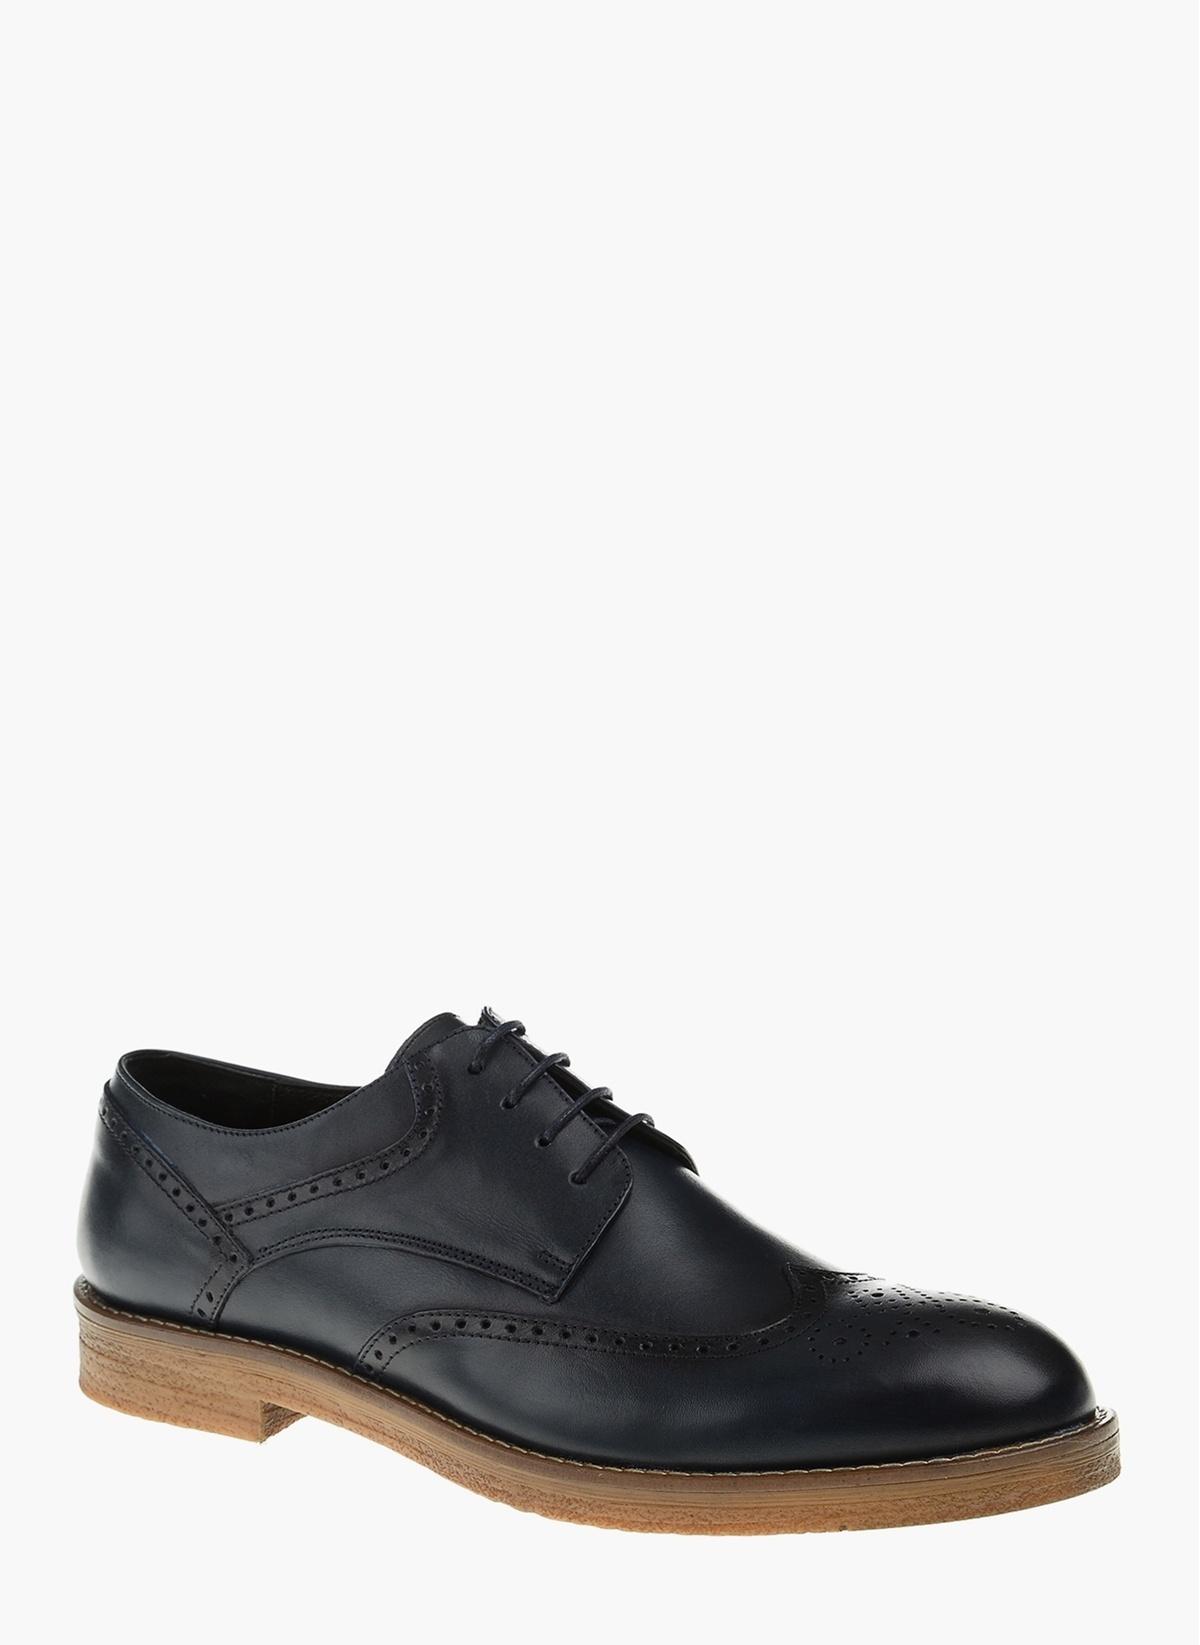 Divarese Deri Oxford Ayakkabı 5022233 E Ayakkabı – 199.0 TL